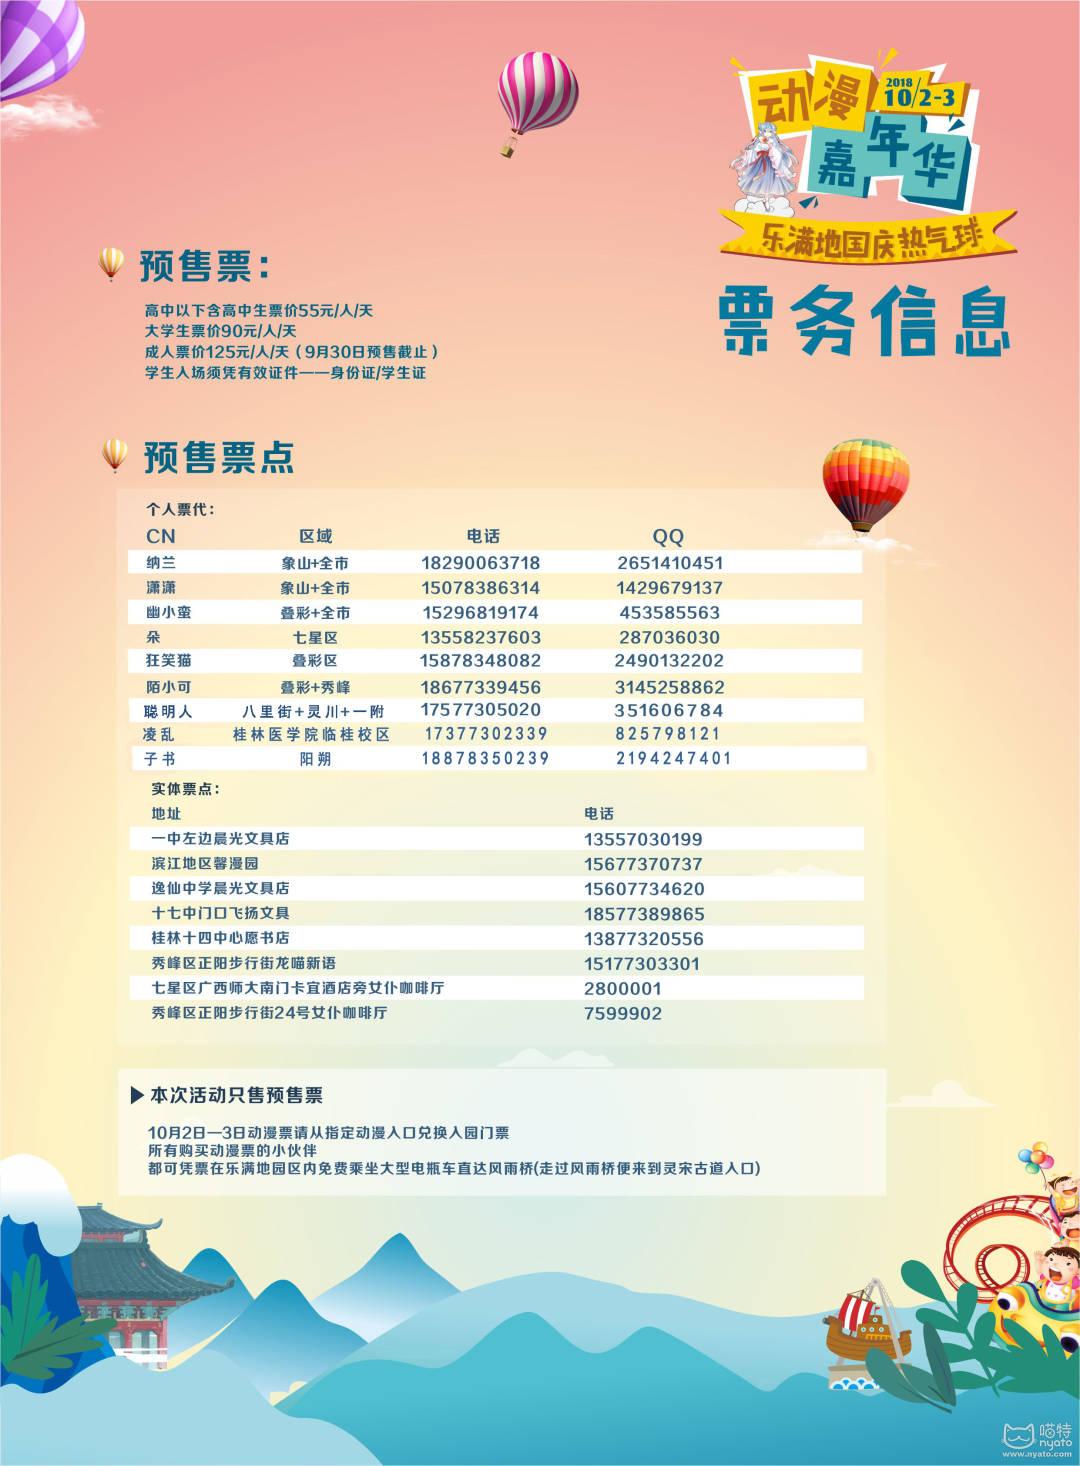 国庆乐满地动漫节宣传单-背面-看稿 (1).jpg